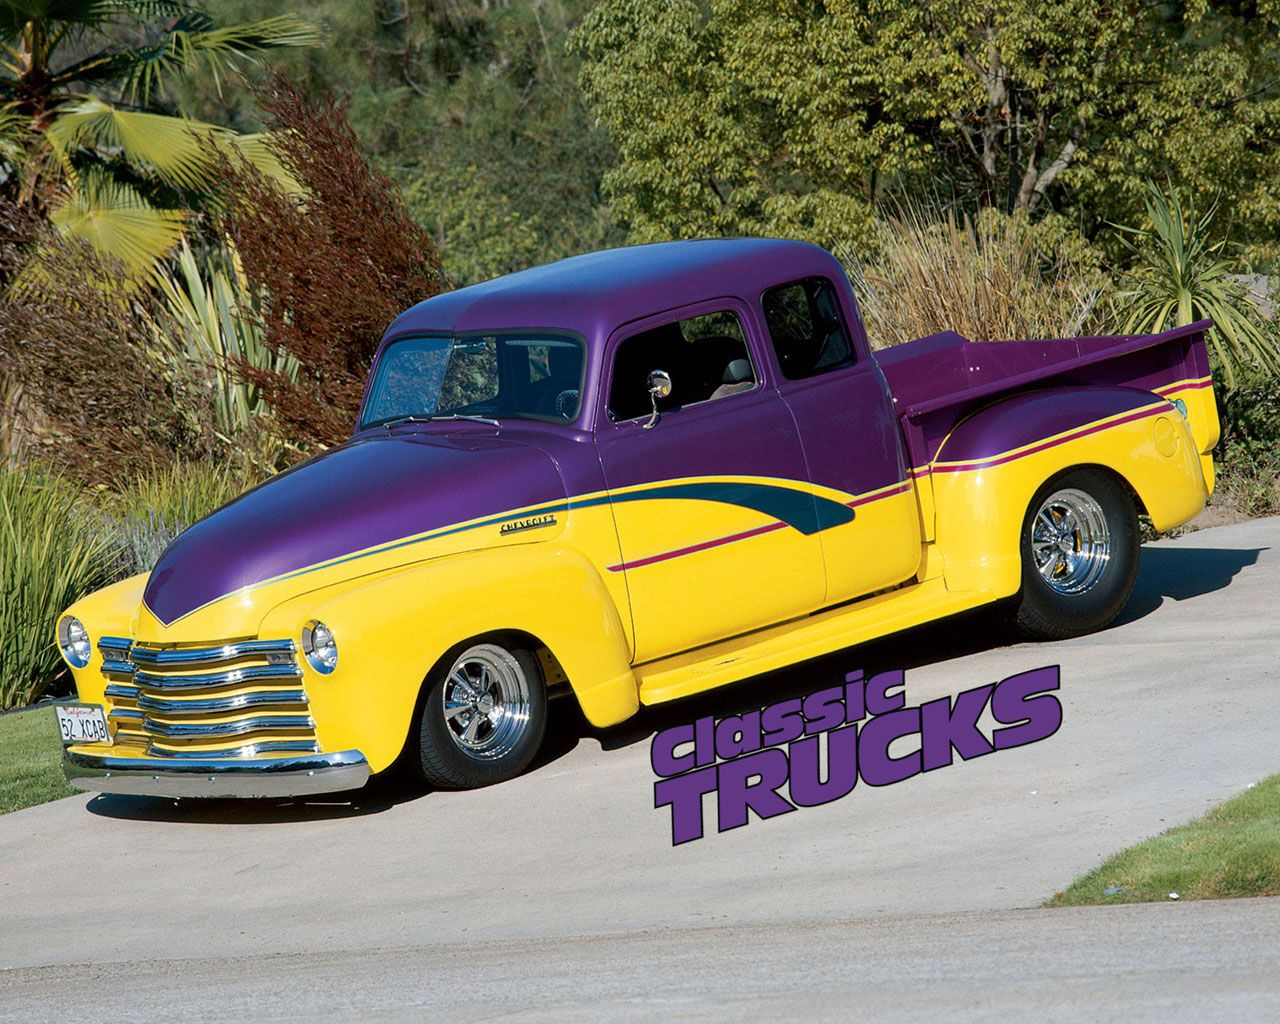 Classic Truck Widescreen Desktop Wallpapers 9289   Amazing 1280x1024